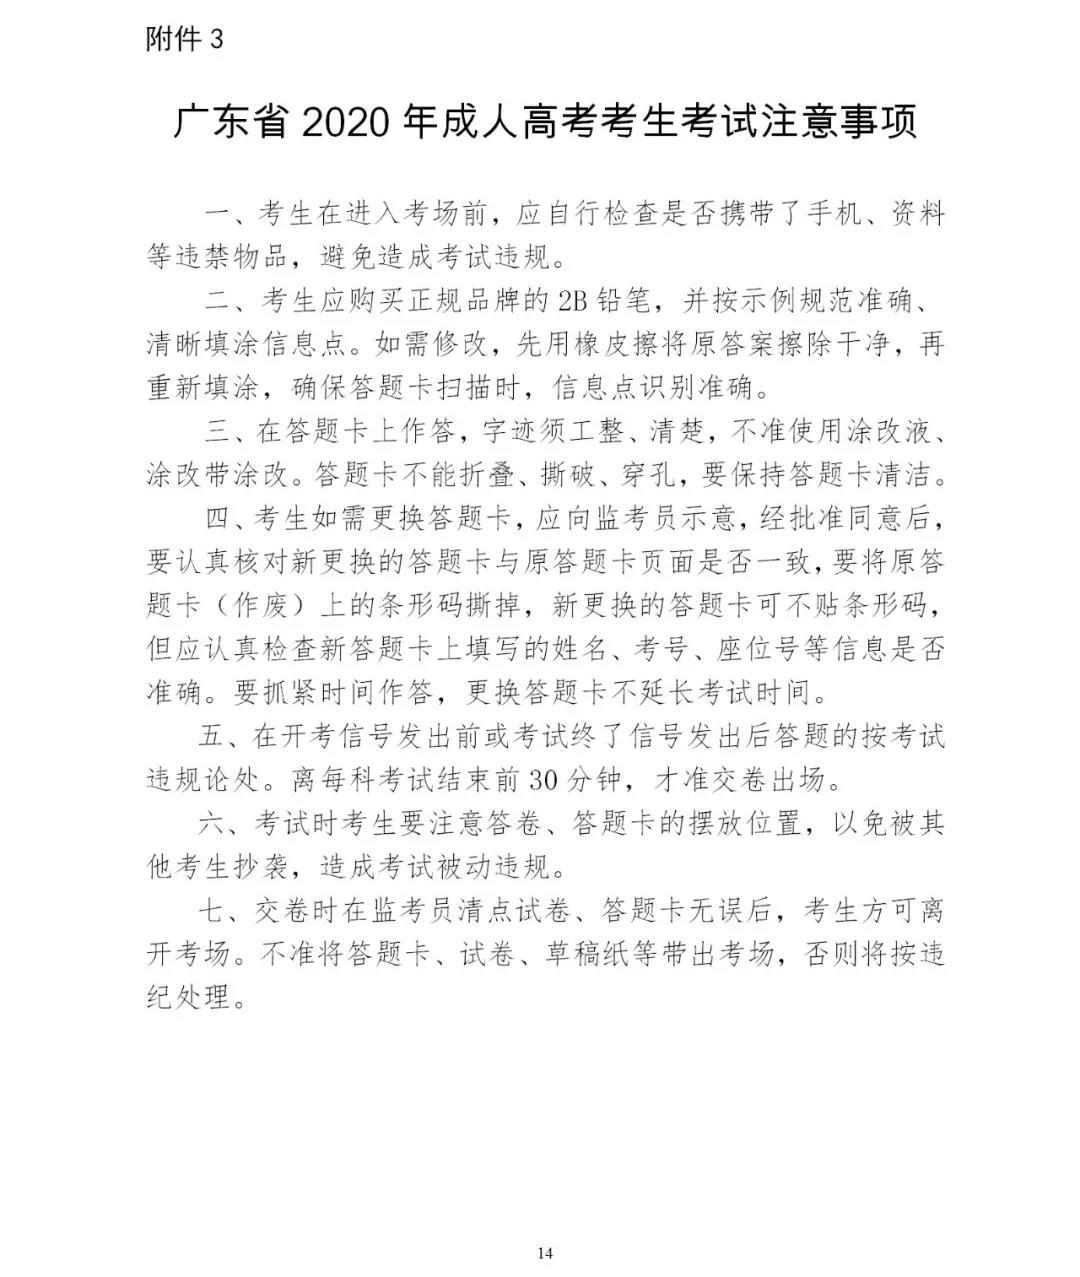 2020年广东省成人高考考生考试注意哪些事项?